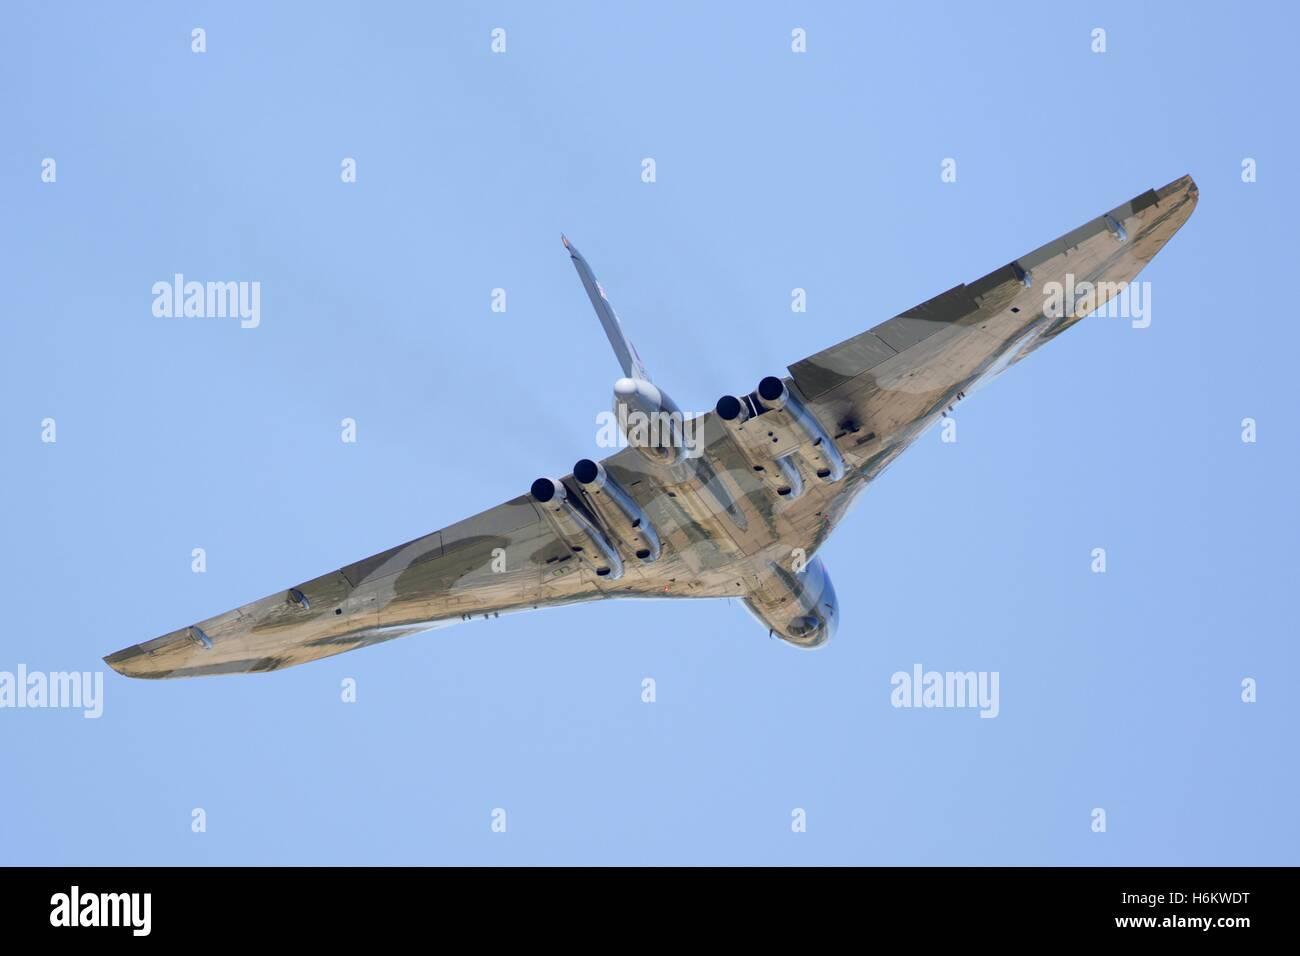 Avro Vulcan B2 - Stock Image